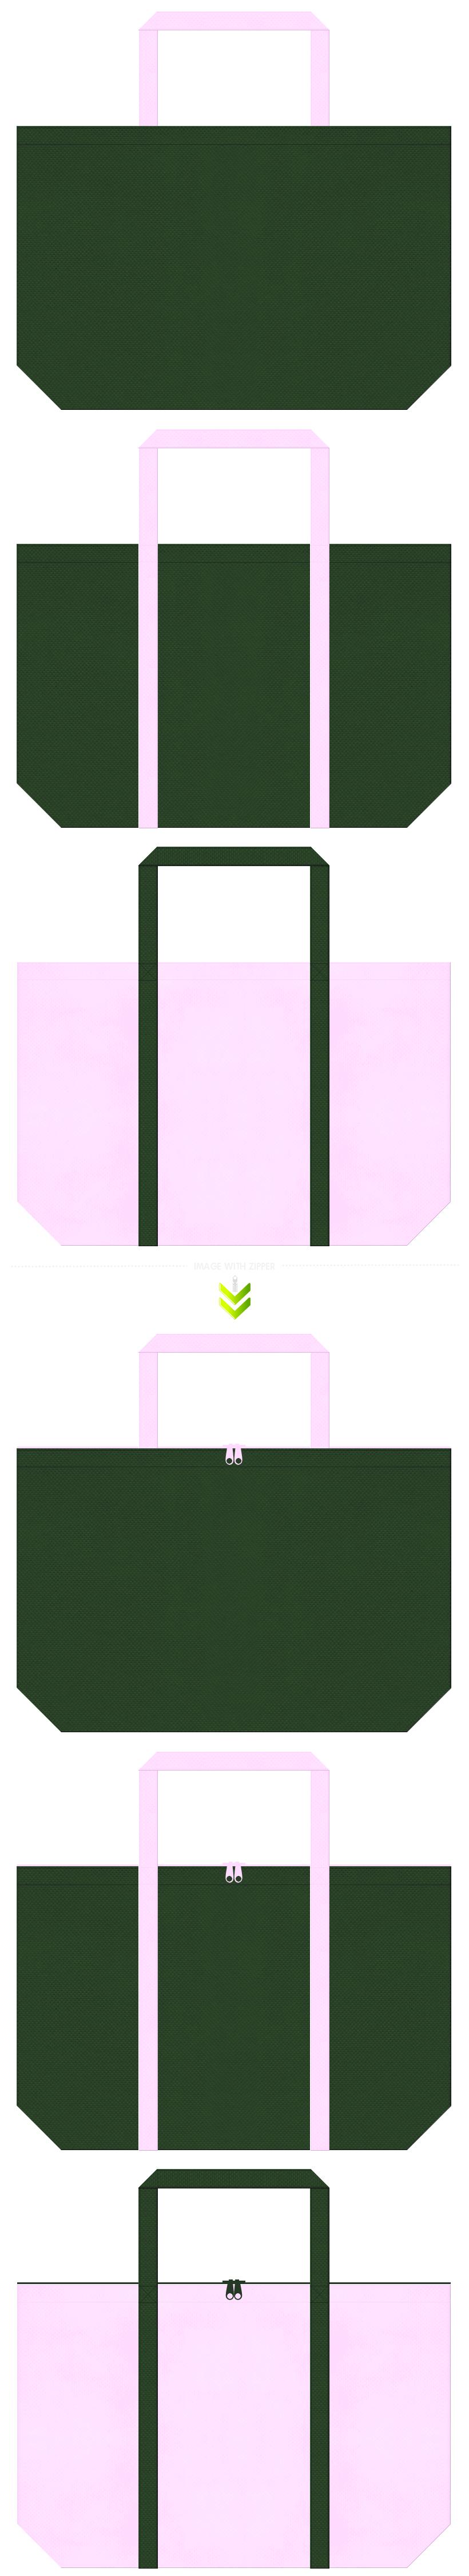 濃緑色と明るいピンク色の不織布エコバッグのデザイン。夜桜のイメージにお奨めです。